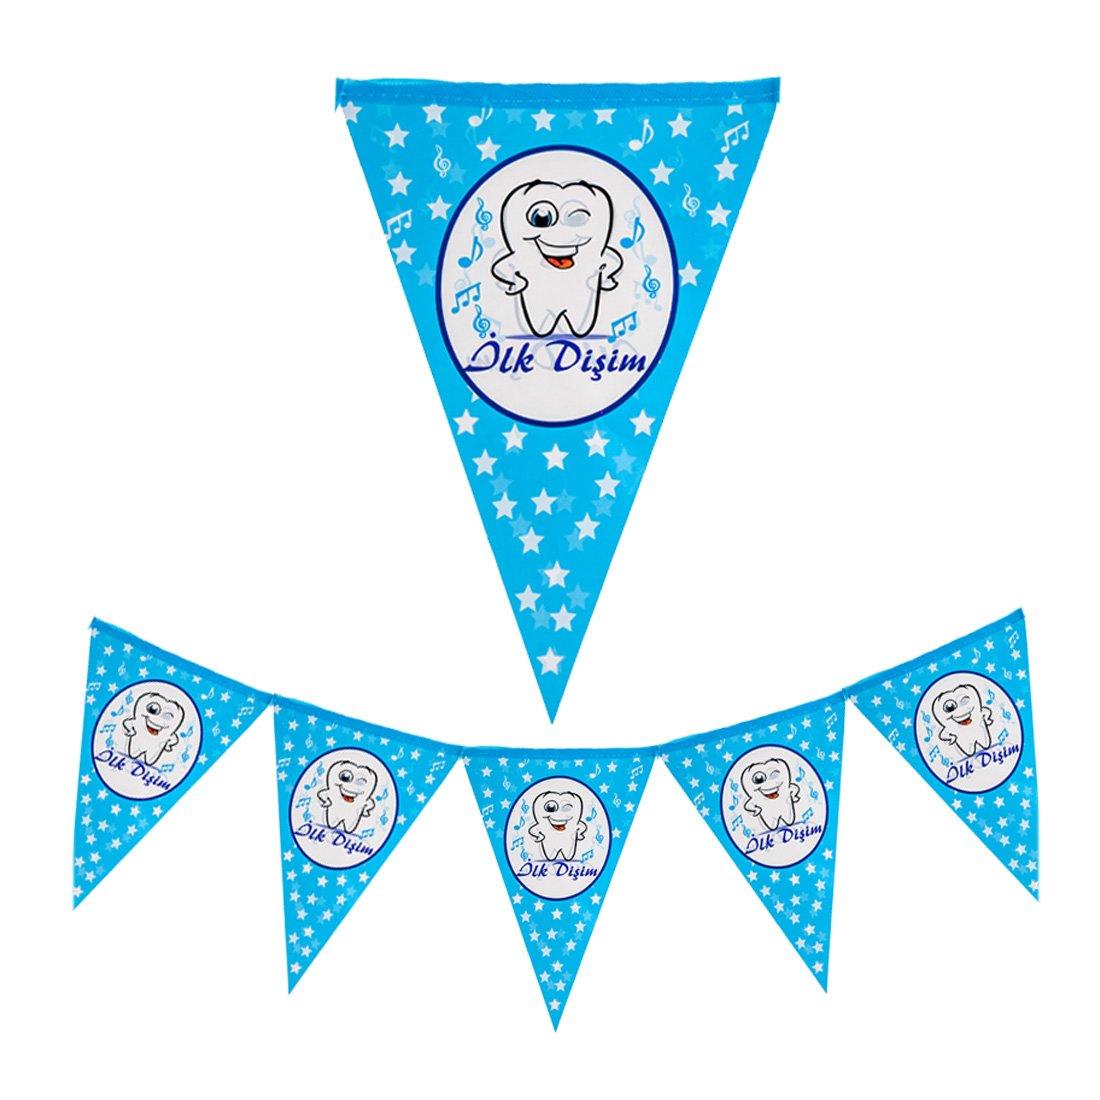 Dis Bugdayi Set Banner Dis Sekeri Deko Babyparty Mevlüt Zahnparty Deko Ballon